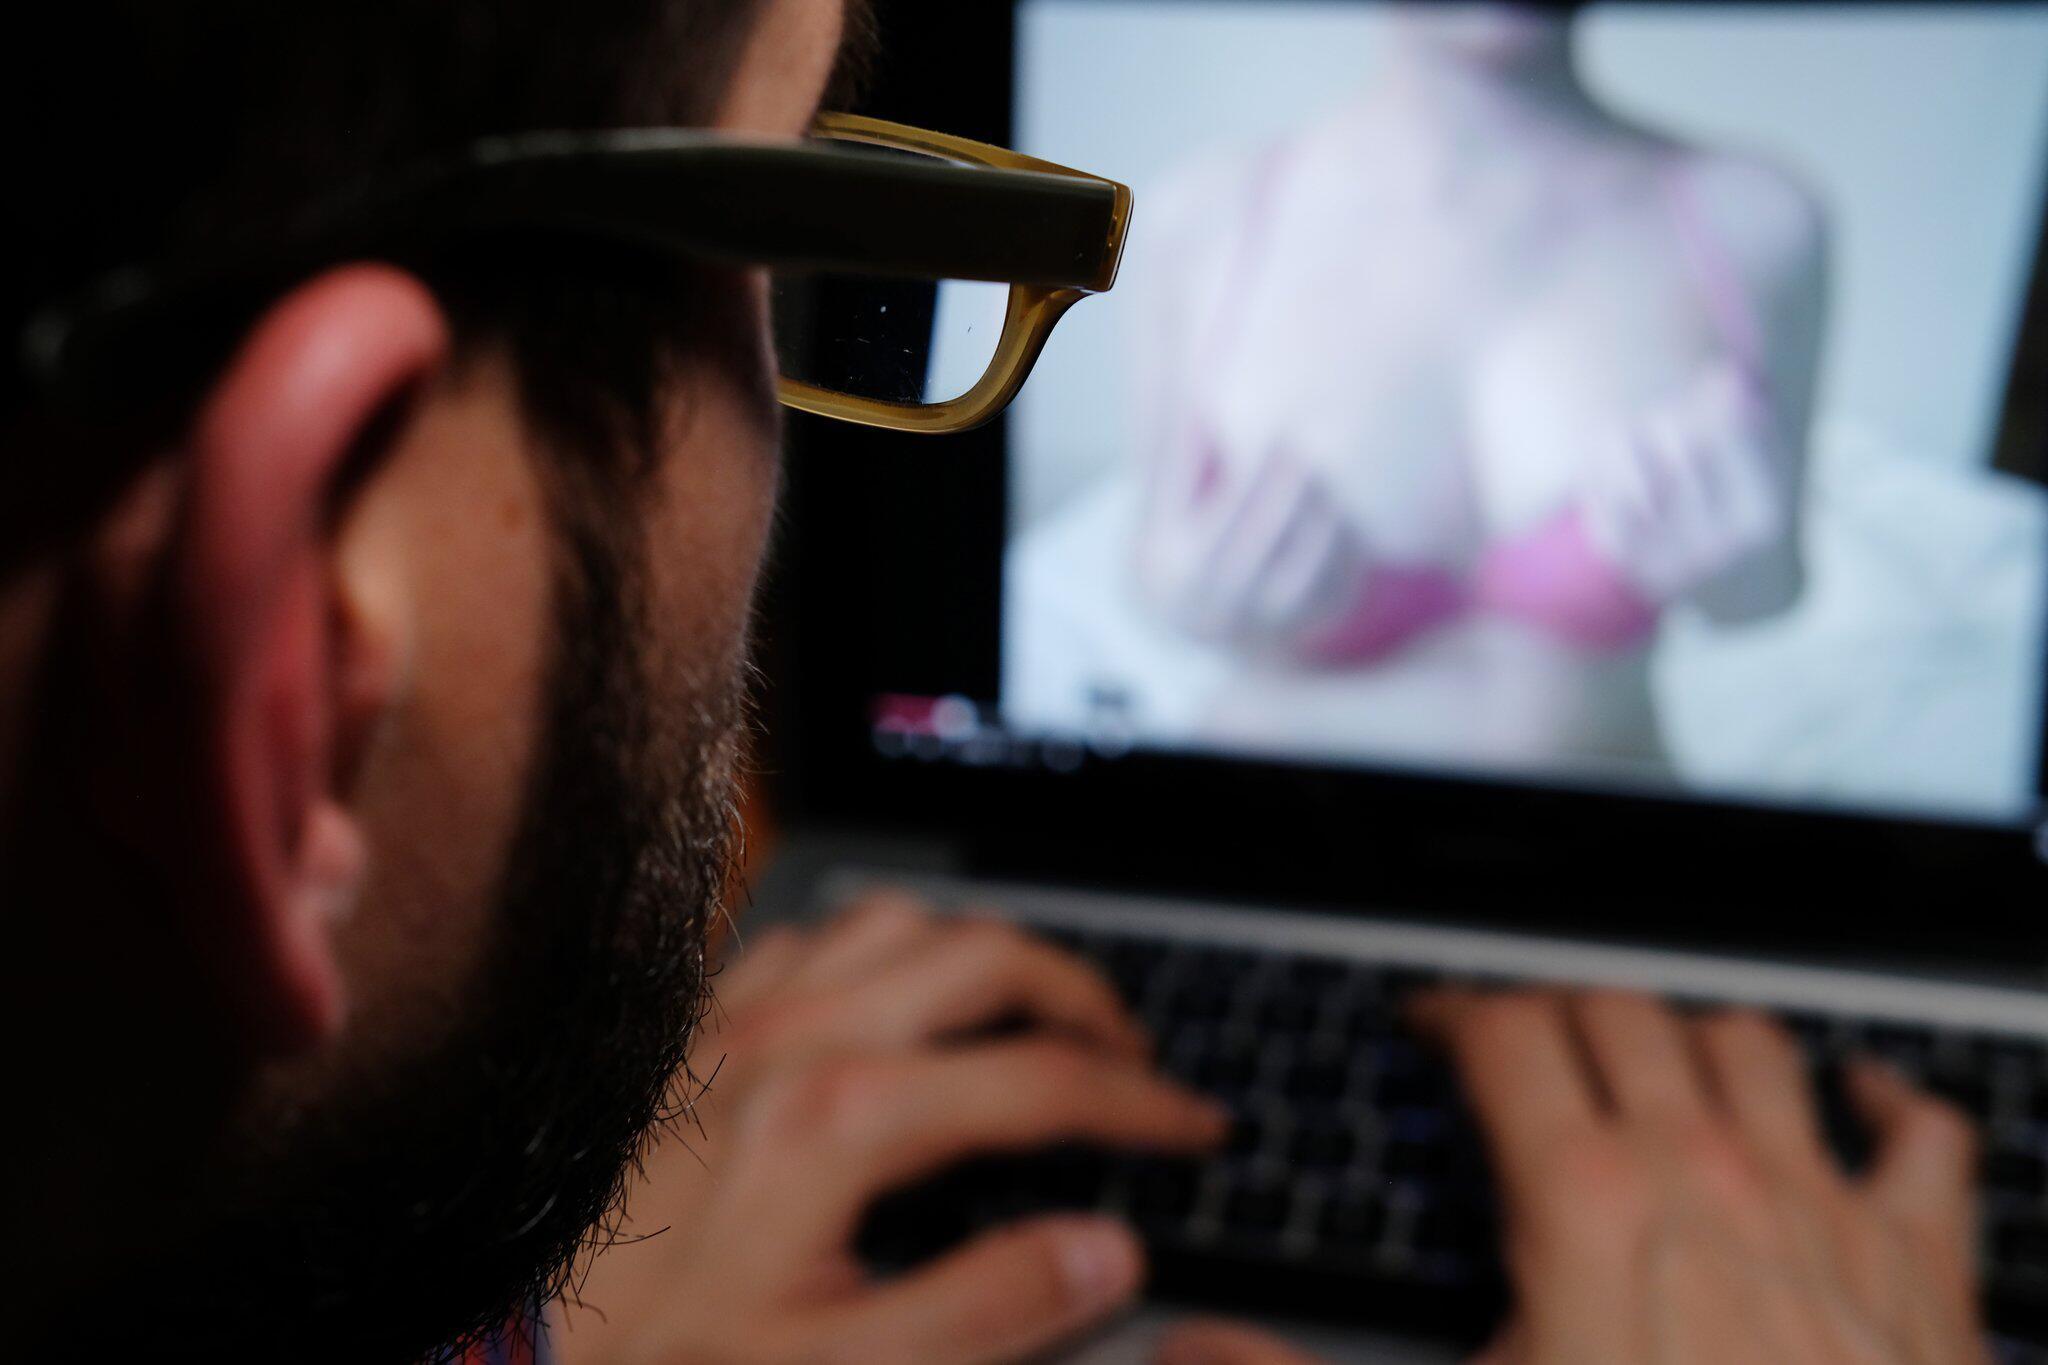 Bild zu Pornofilm auf dem Laptop